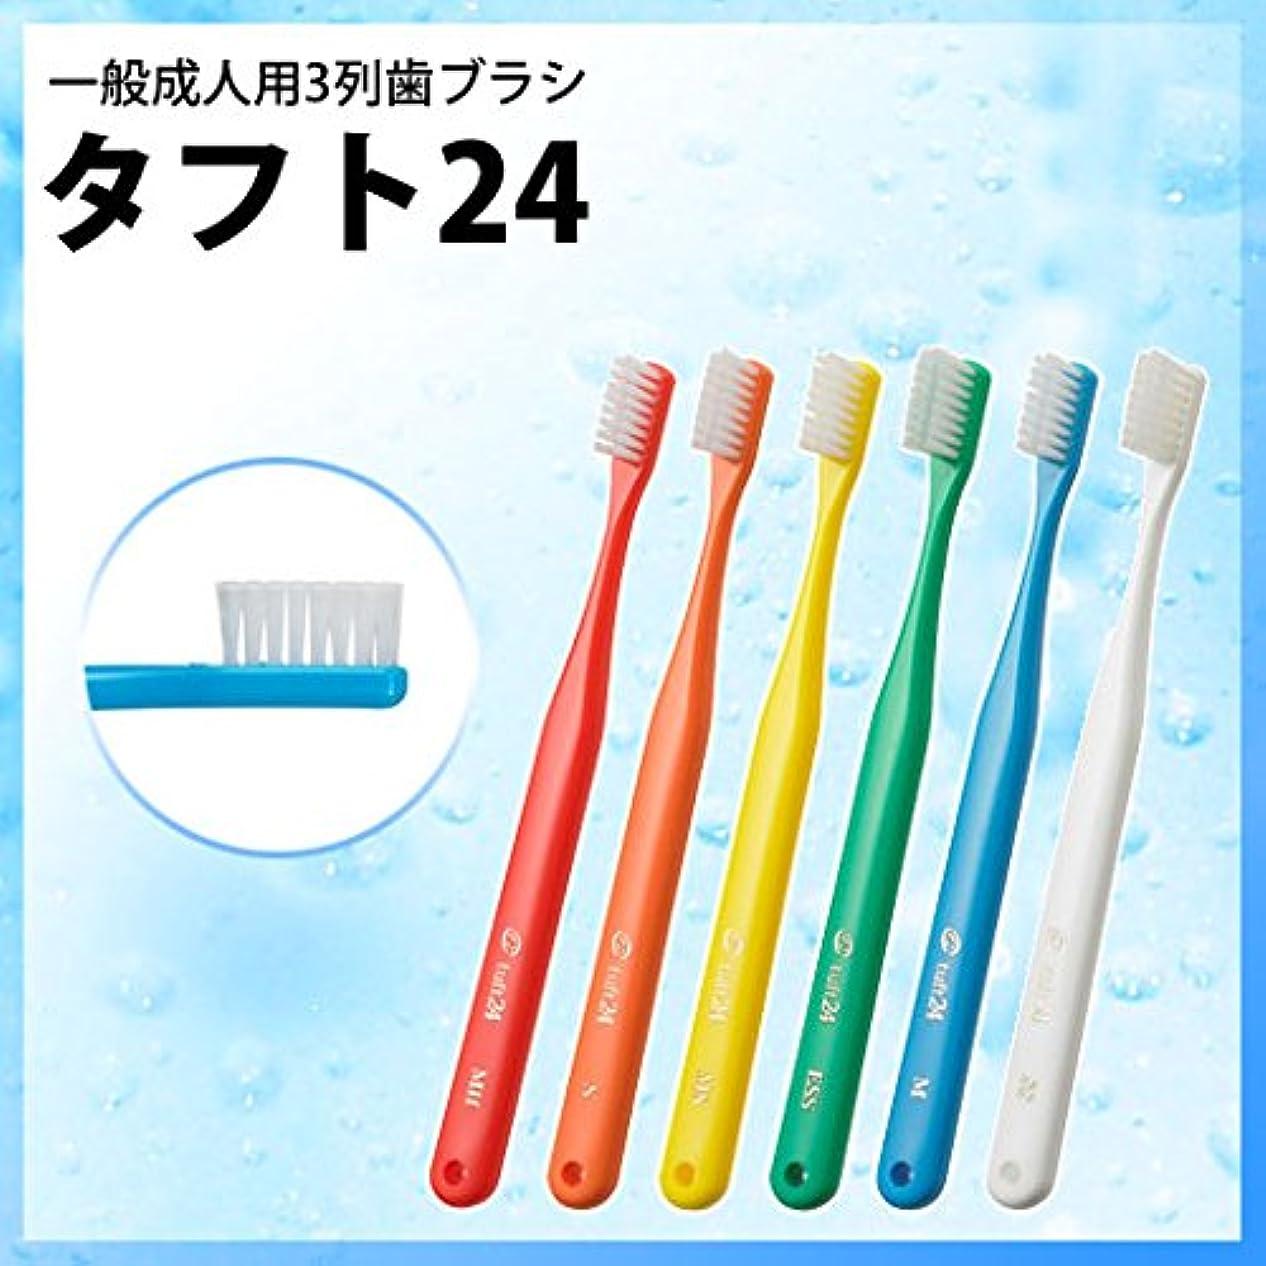 タフト24 歯ブラシ 5本セット SS キャップなし (ブルー)